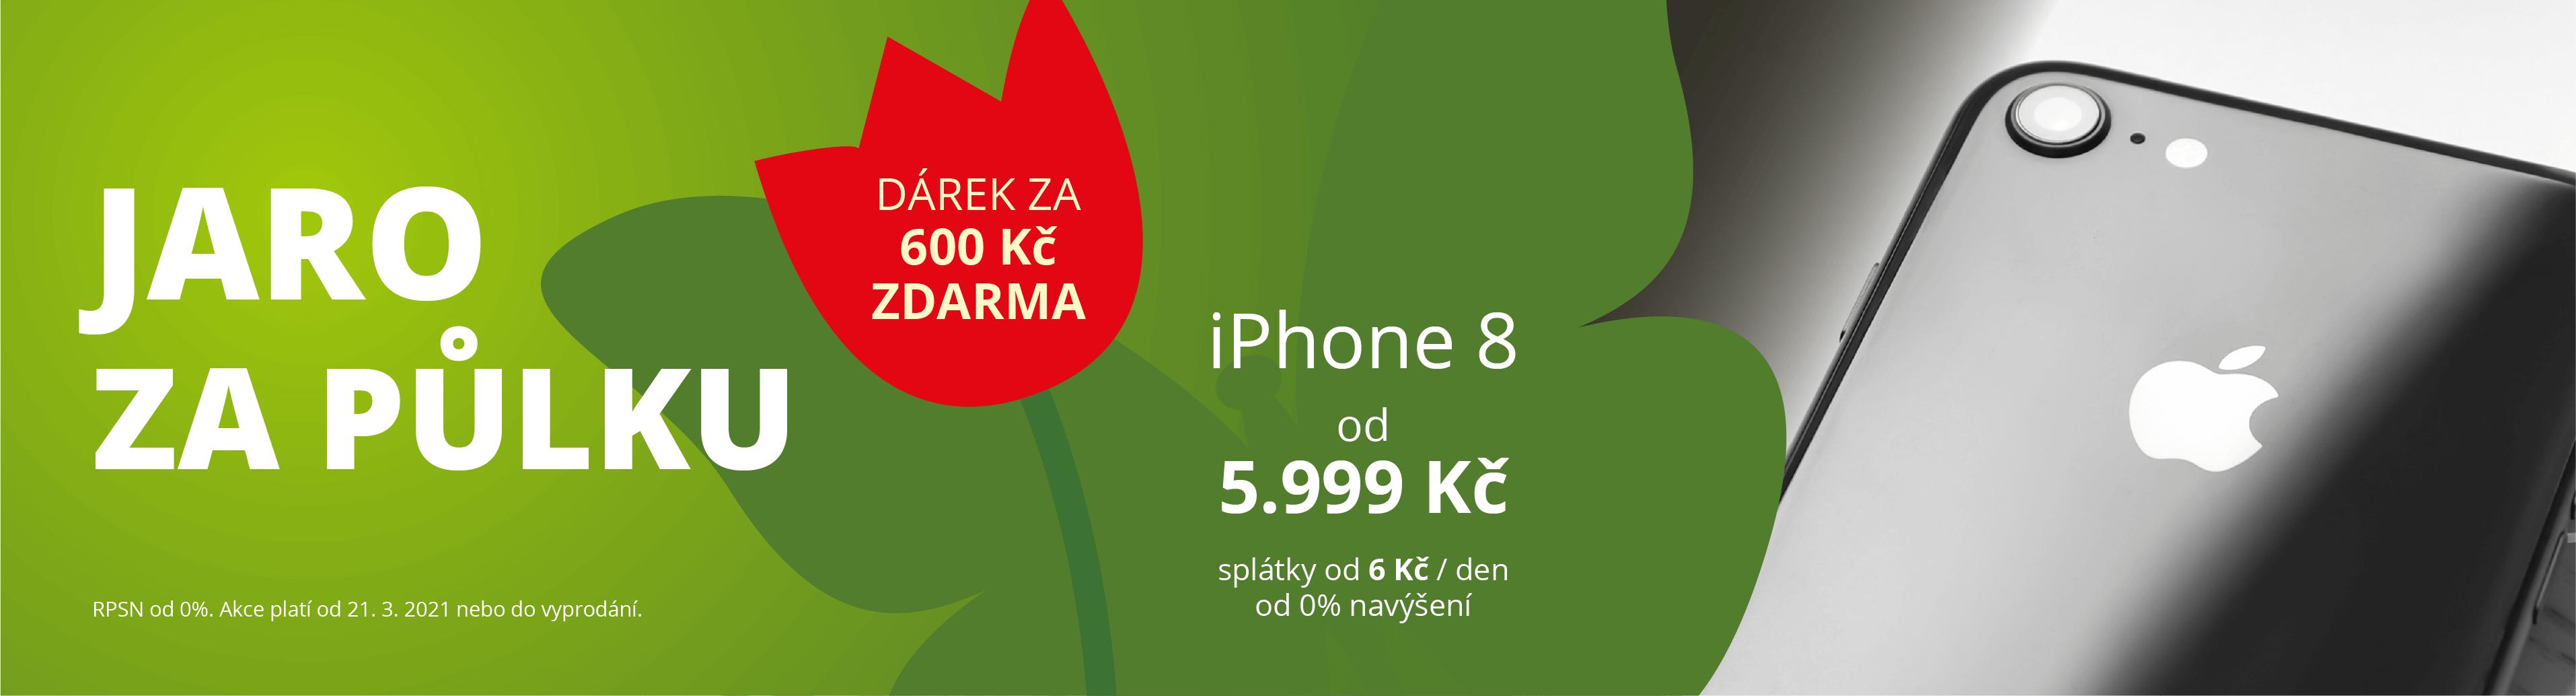 iPhone 8 jaro 2021 za půlku (DESKTOP)